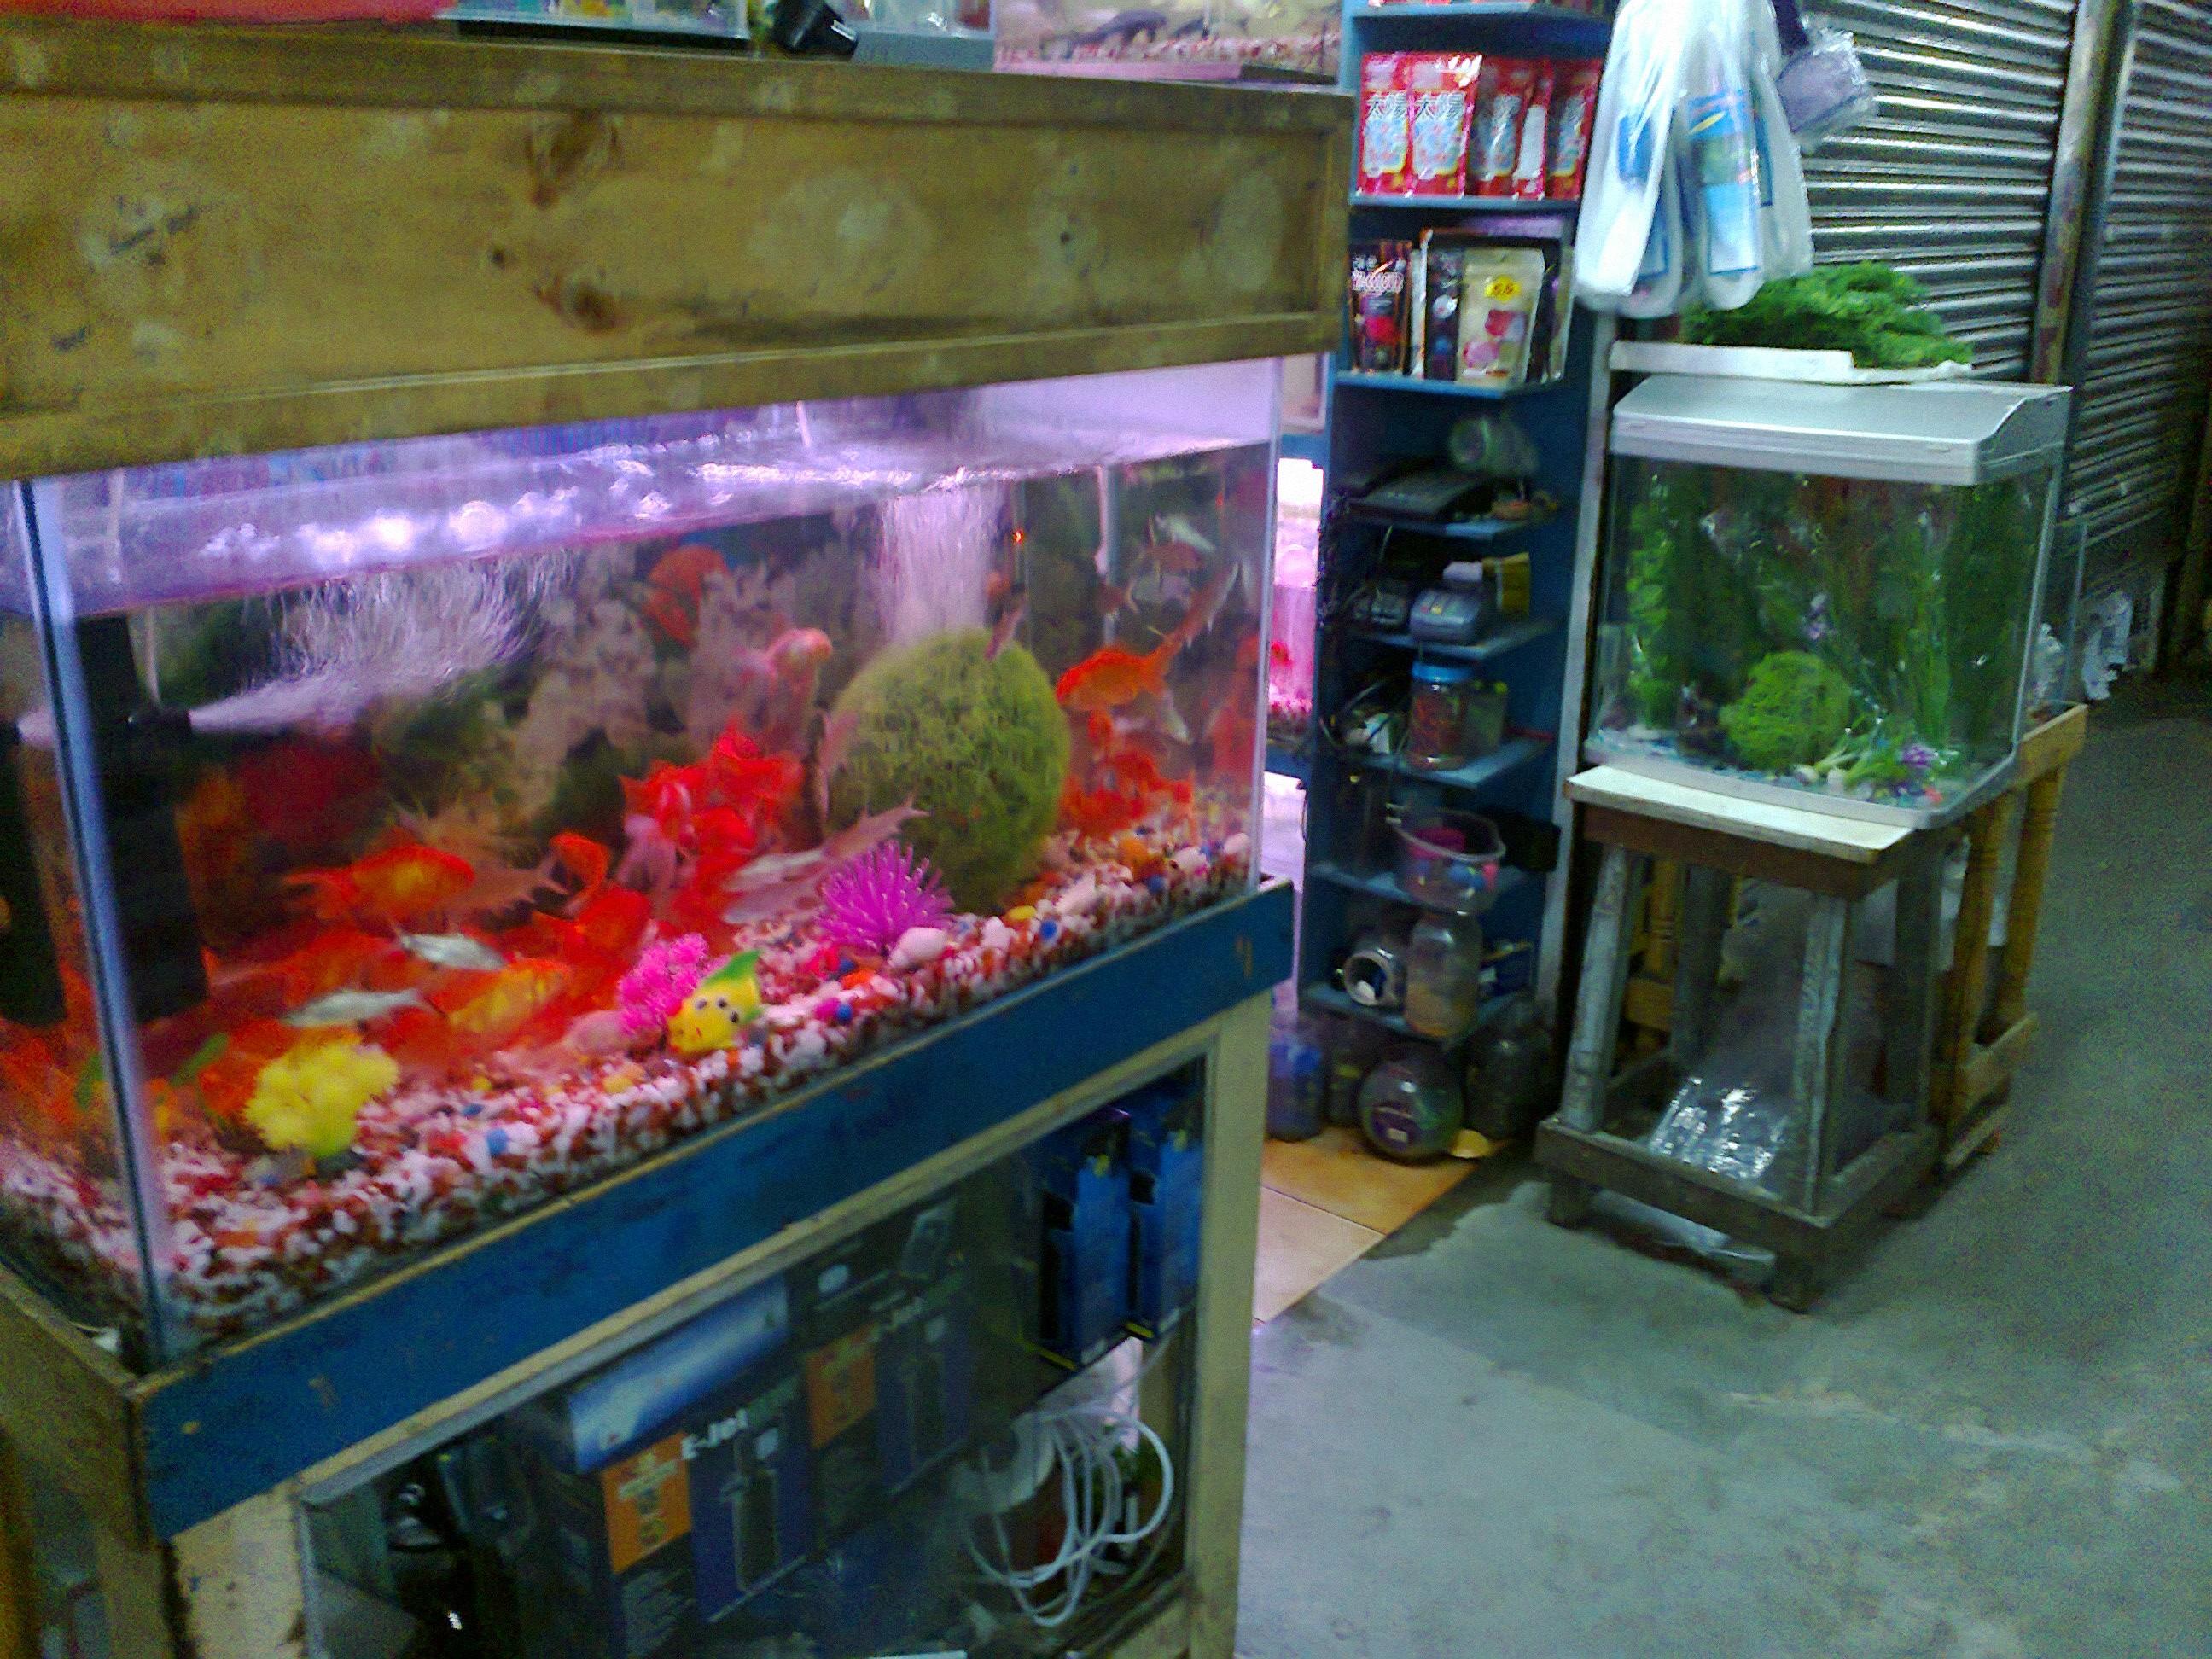 Fish aquarium dimensions - File Fish Tank Jpg